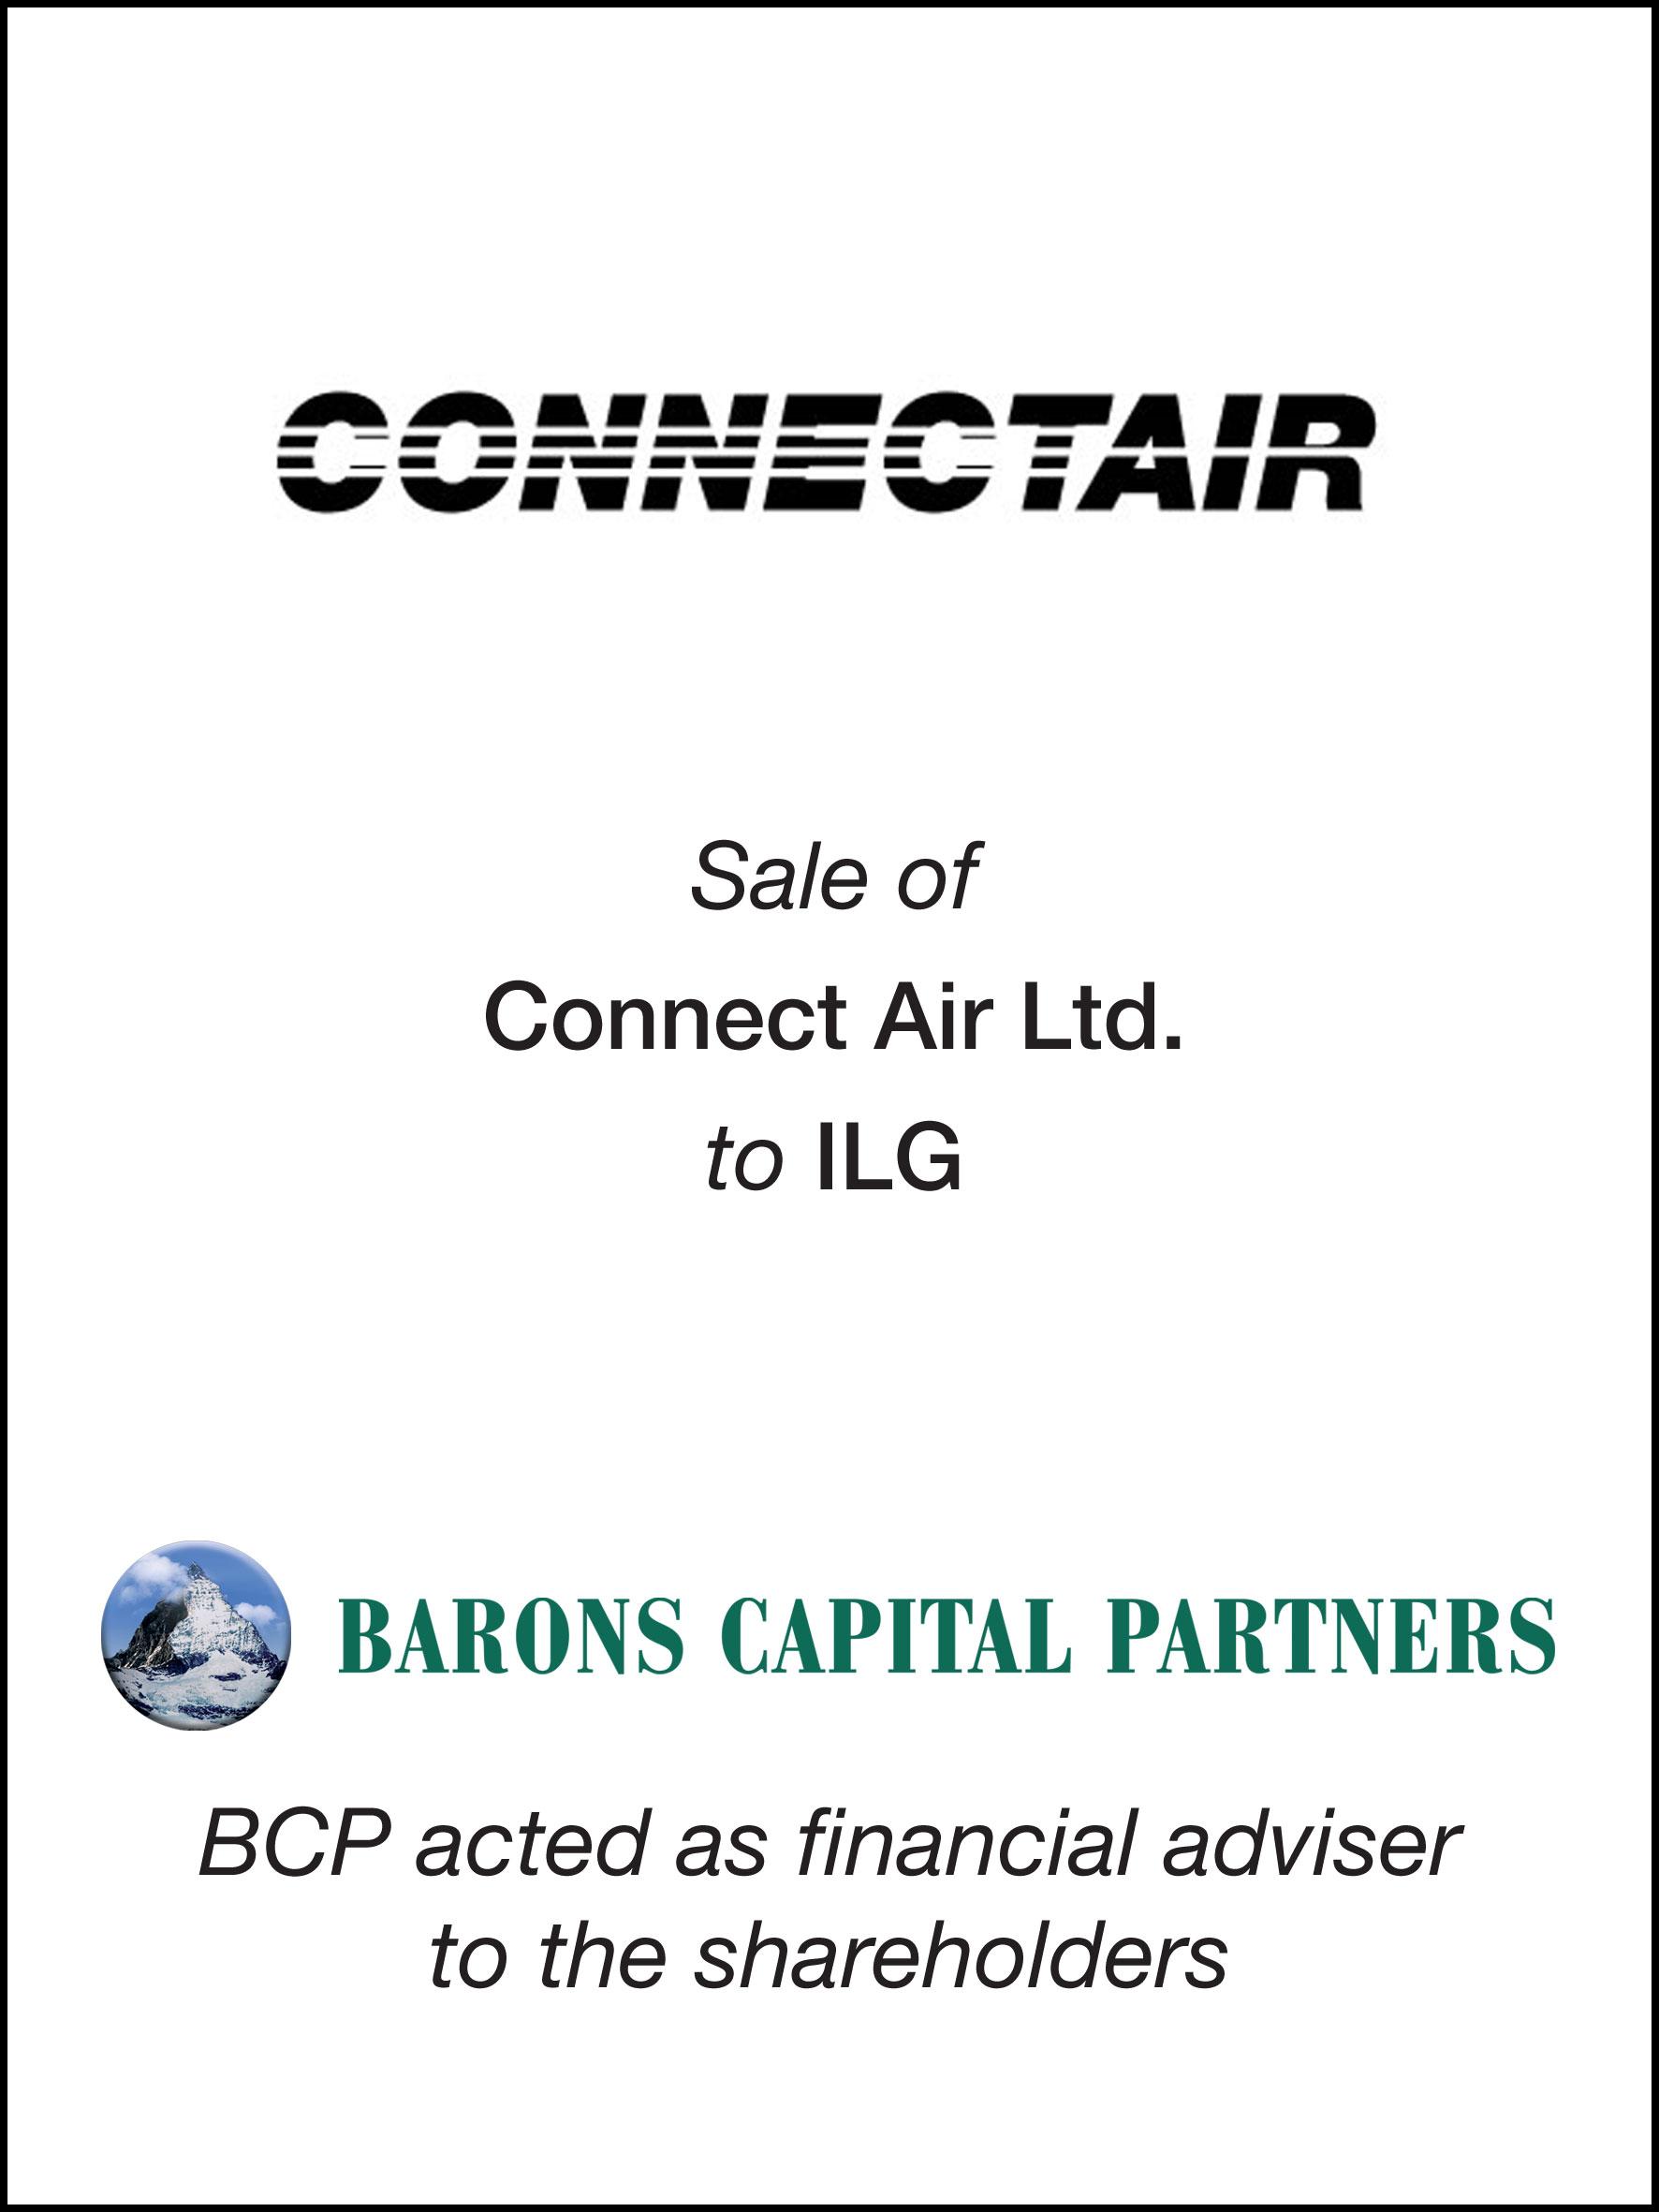 38_Connectair Ltd